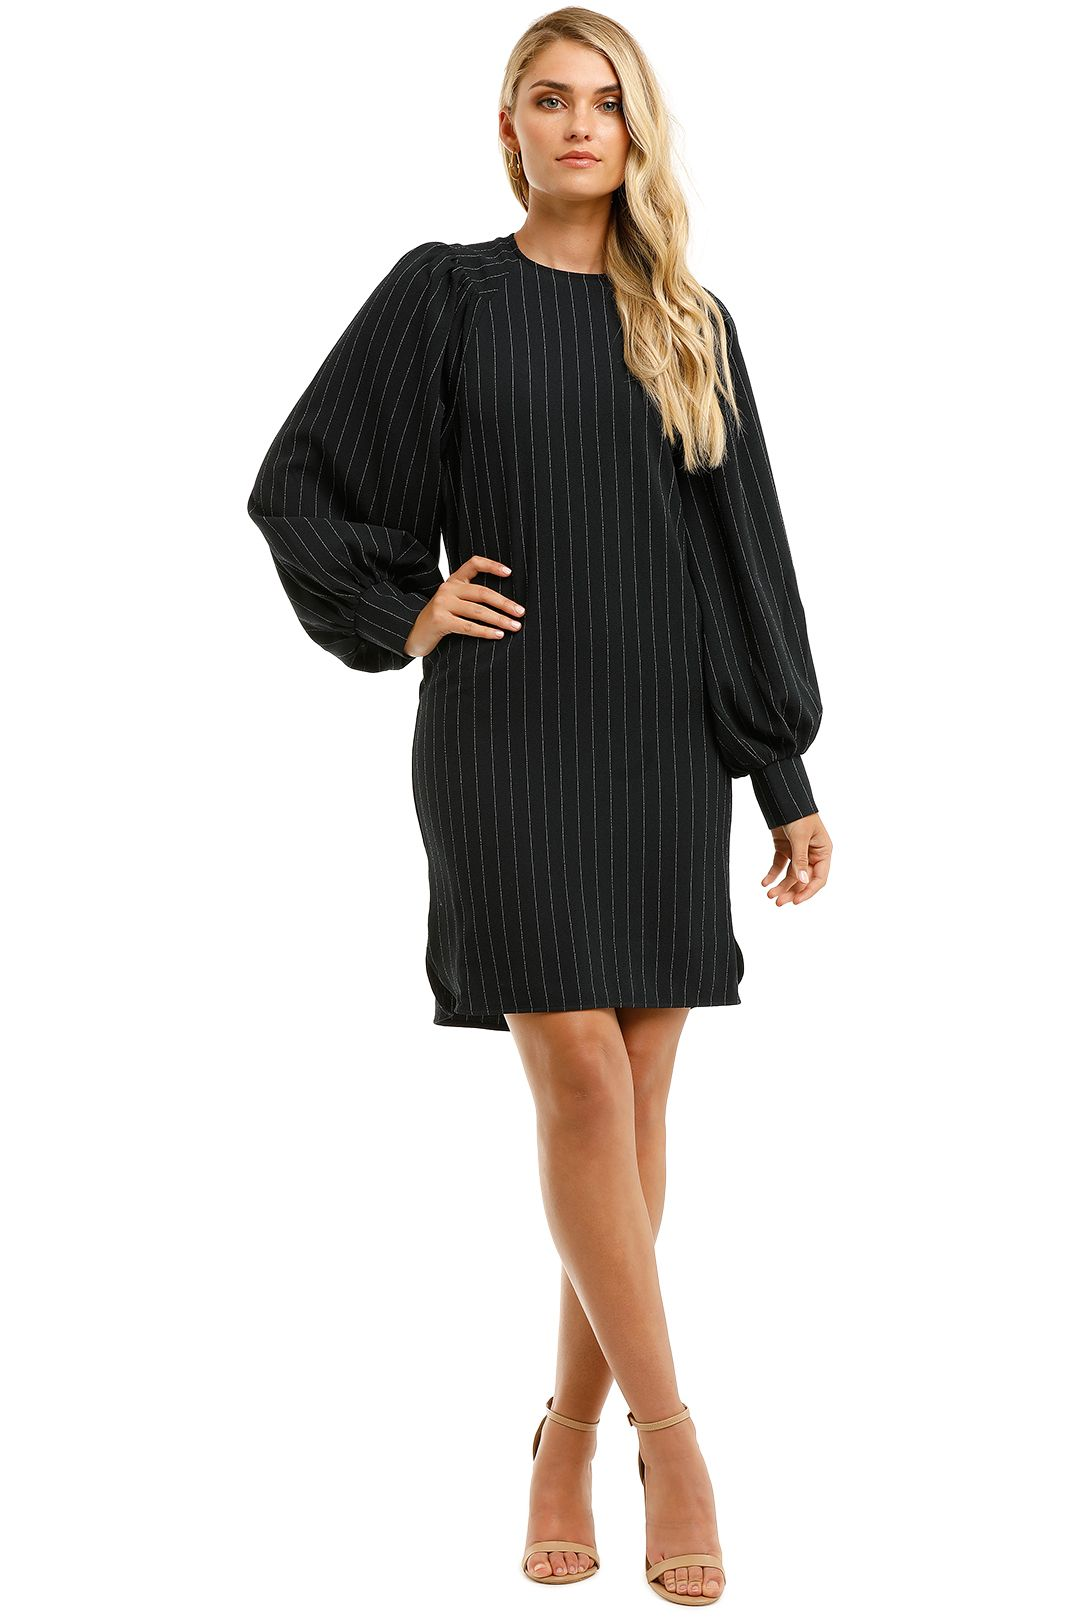 Ganni-Puffy-LS-Mini-Dress-Navy-Pinstripe-Front